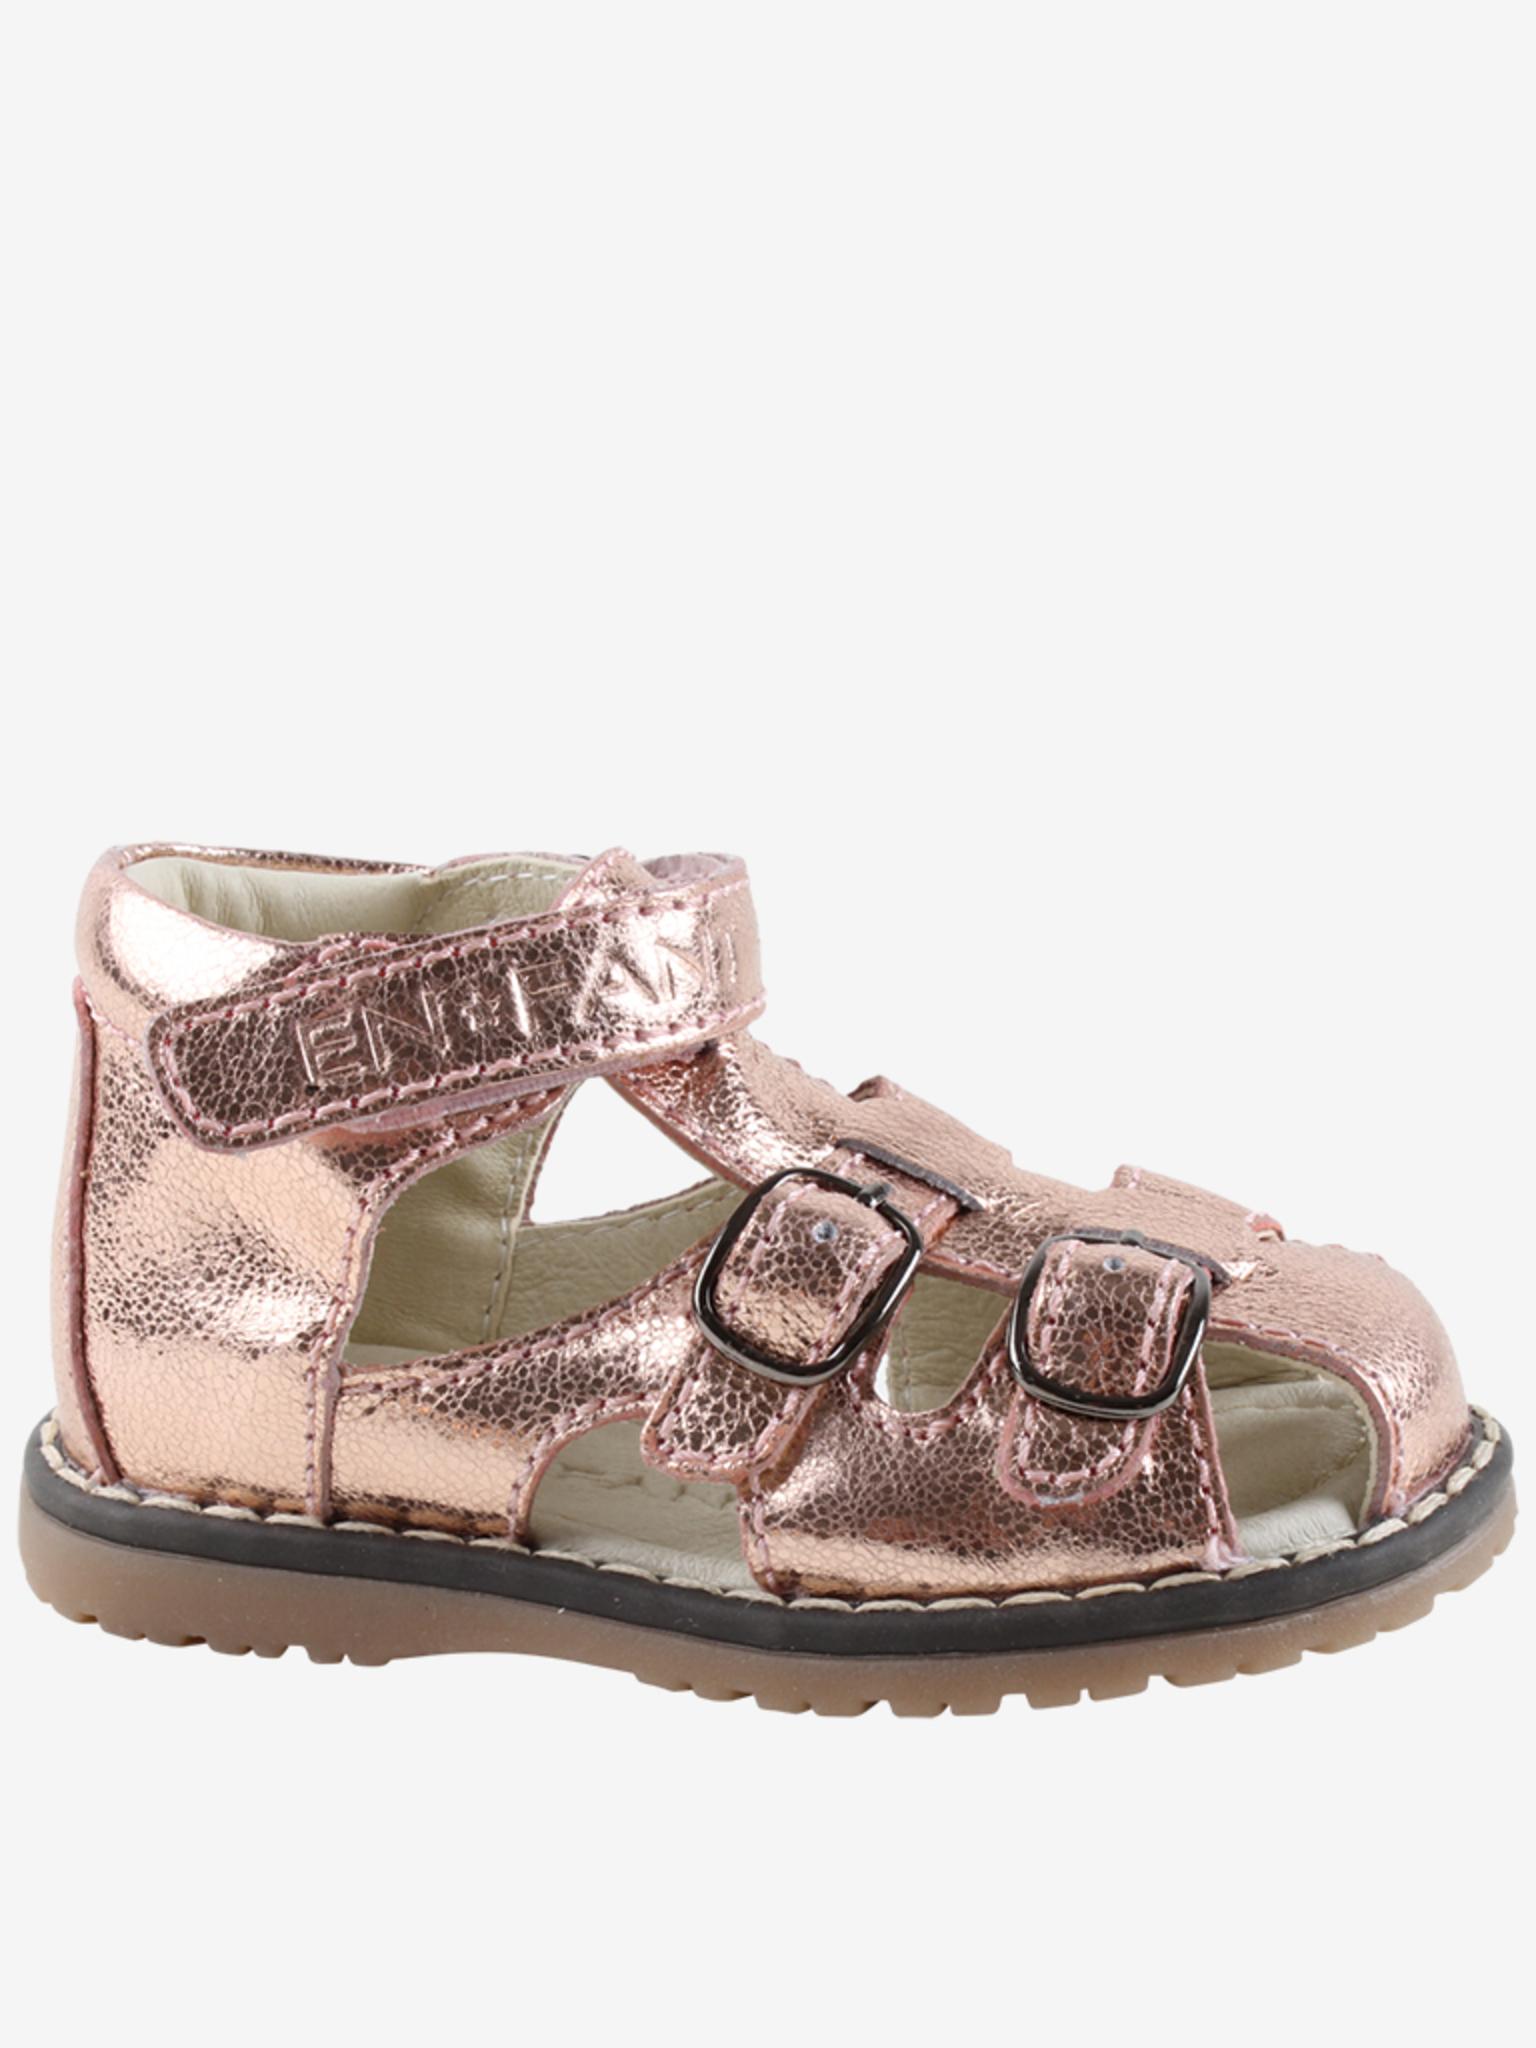 En Fant kojenecké kožené sandálky 815256 - 68